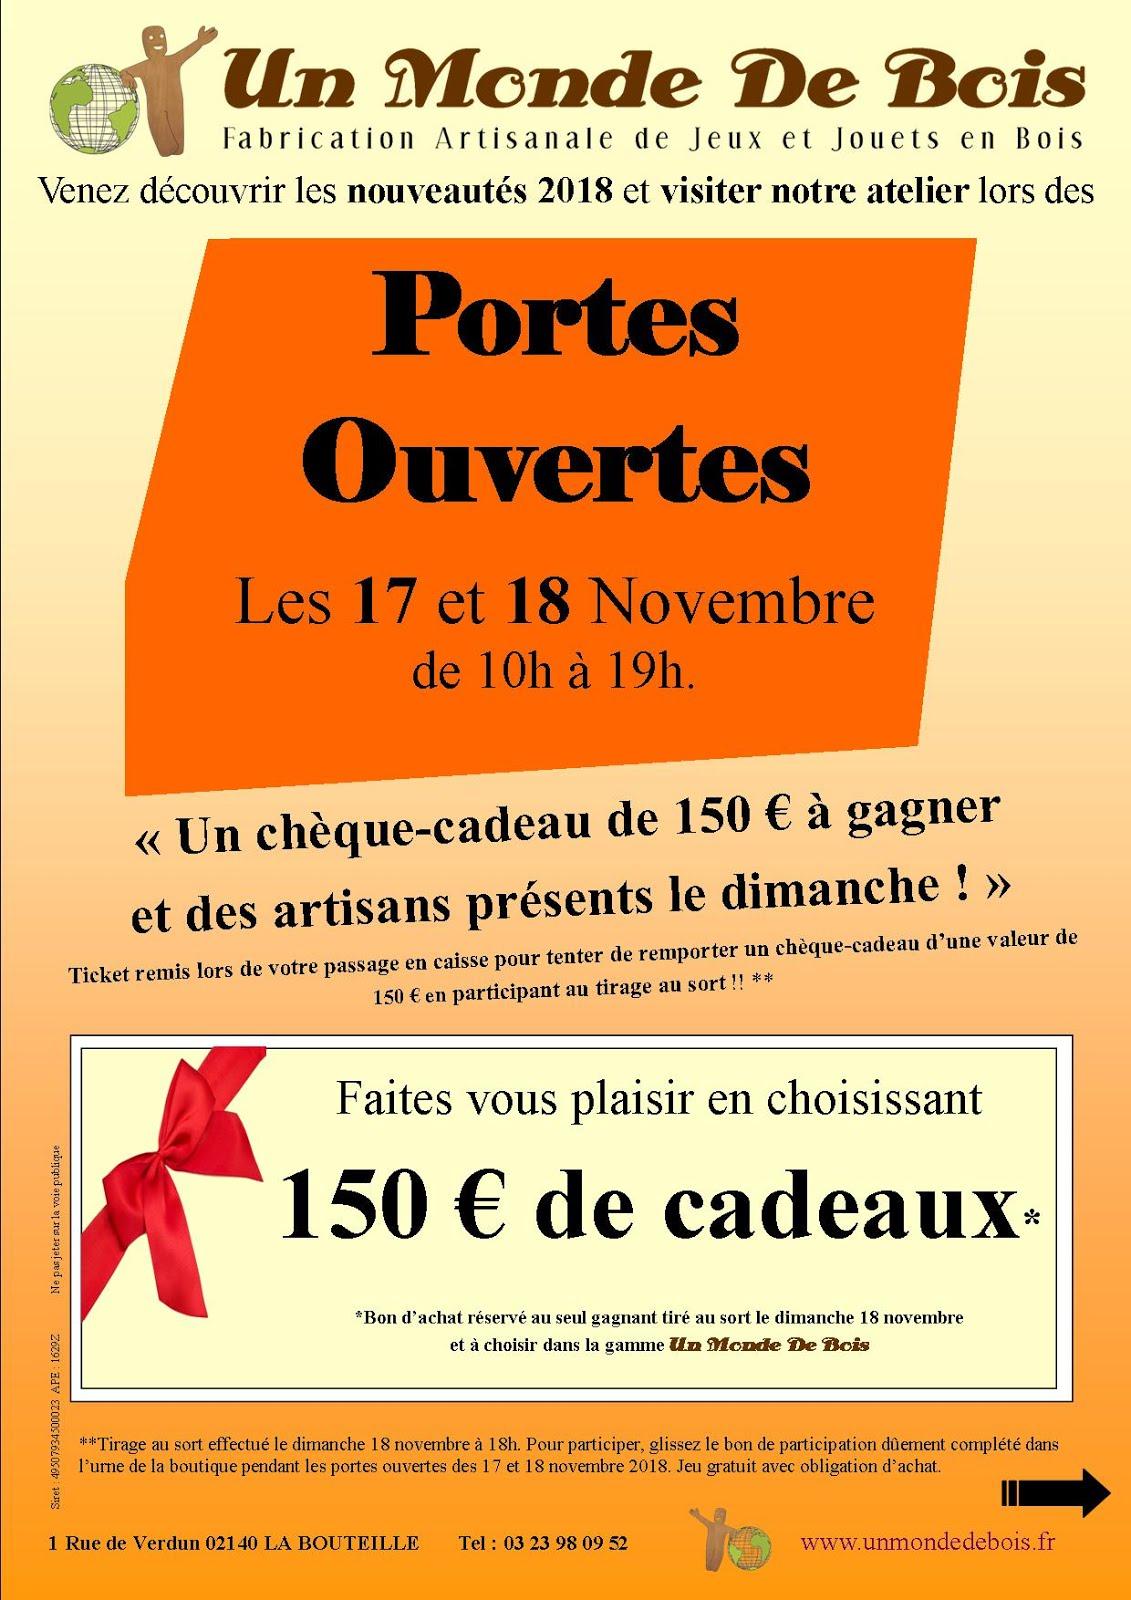 Portes ouvertes chez Sébastien Morlain à La Bouteille le 18 novembre 2018 !